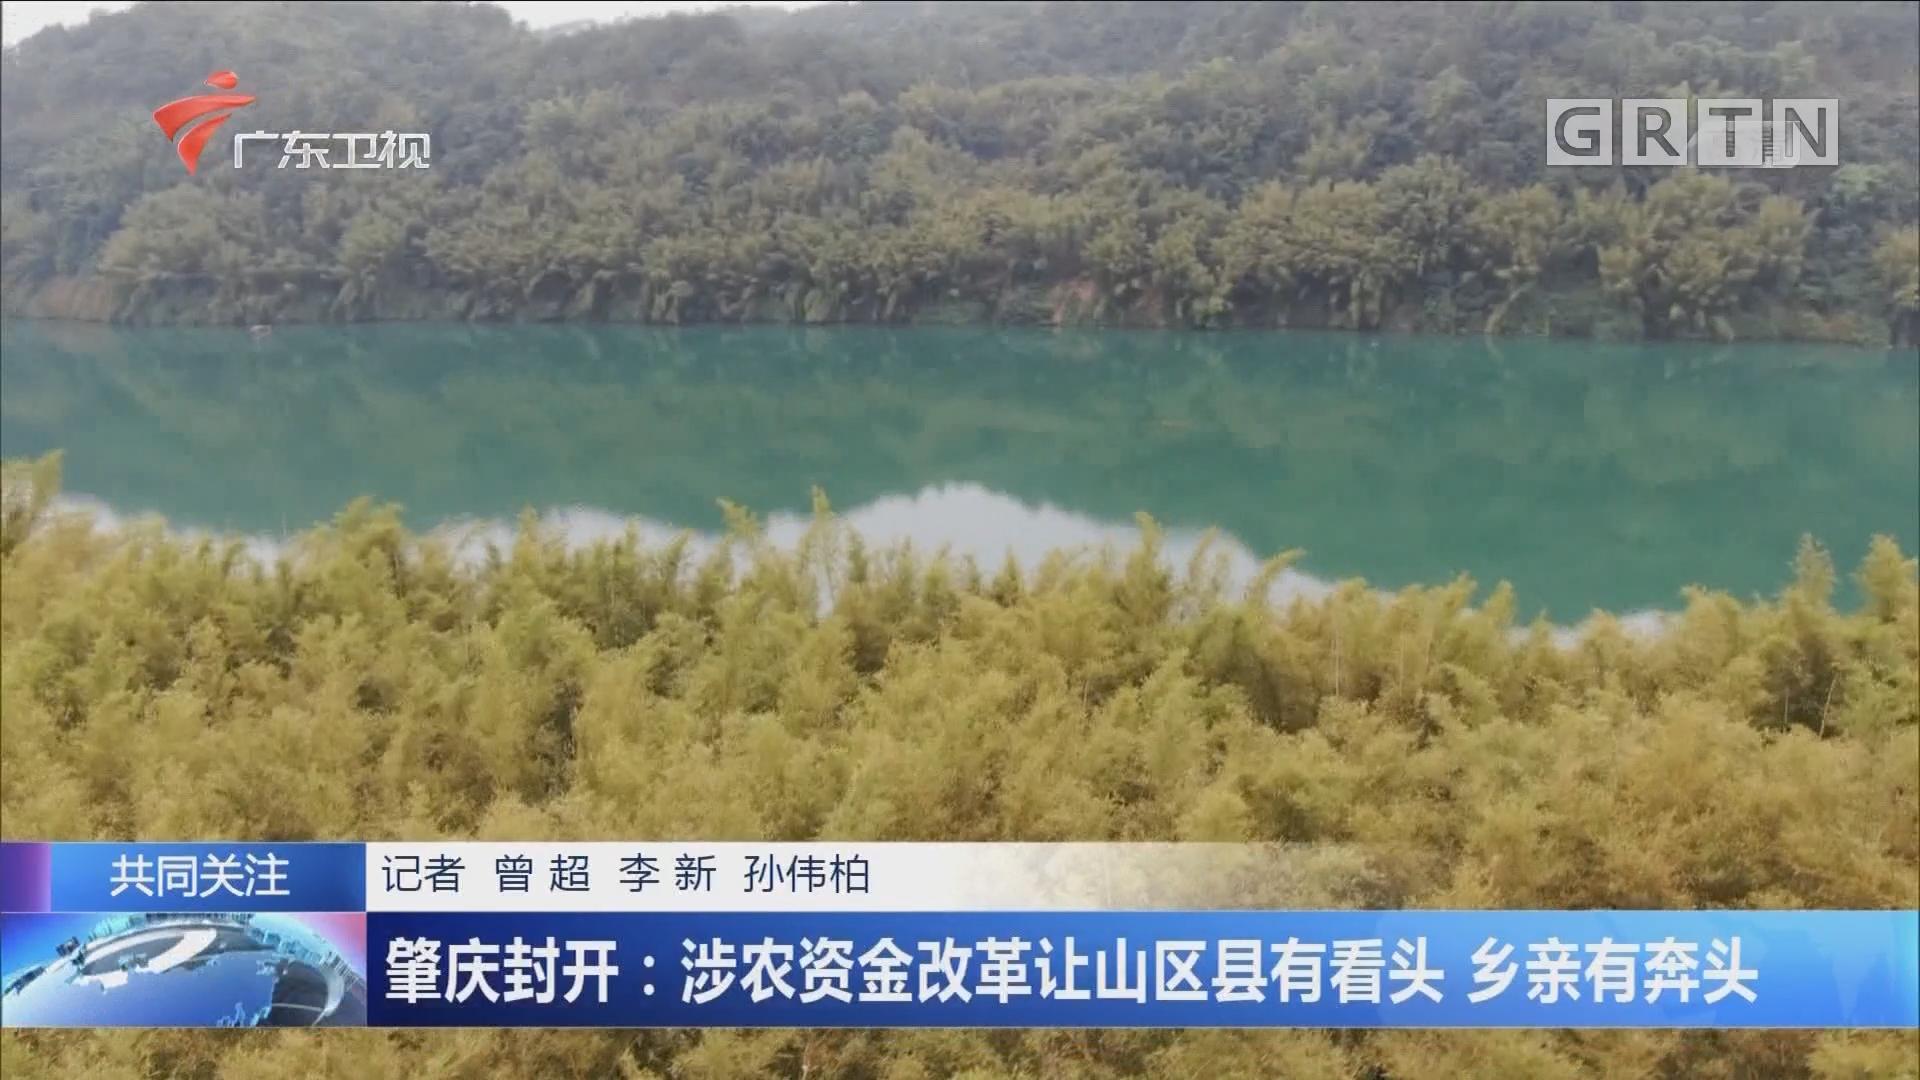 肇庆封开:涉农资金改革让山区县有看头 乡亲有奔头